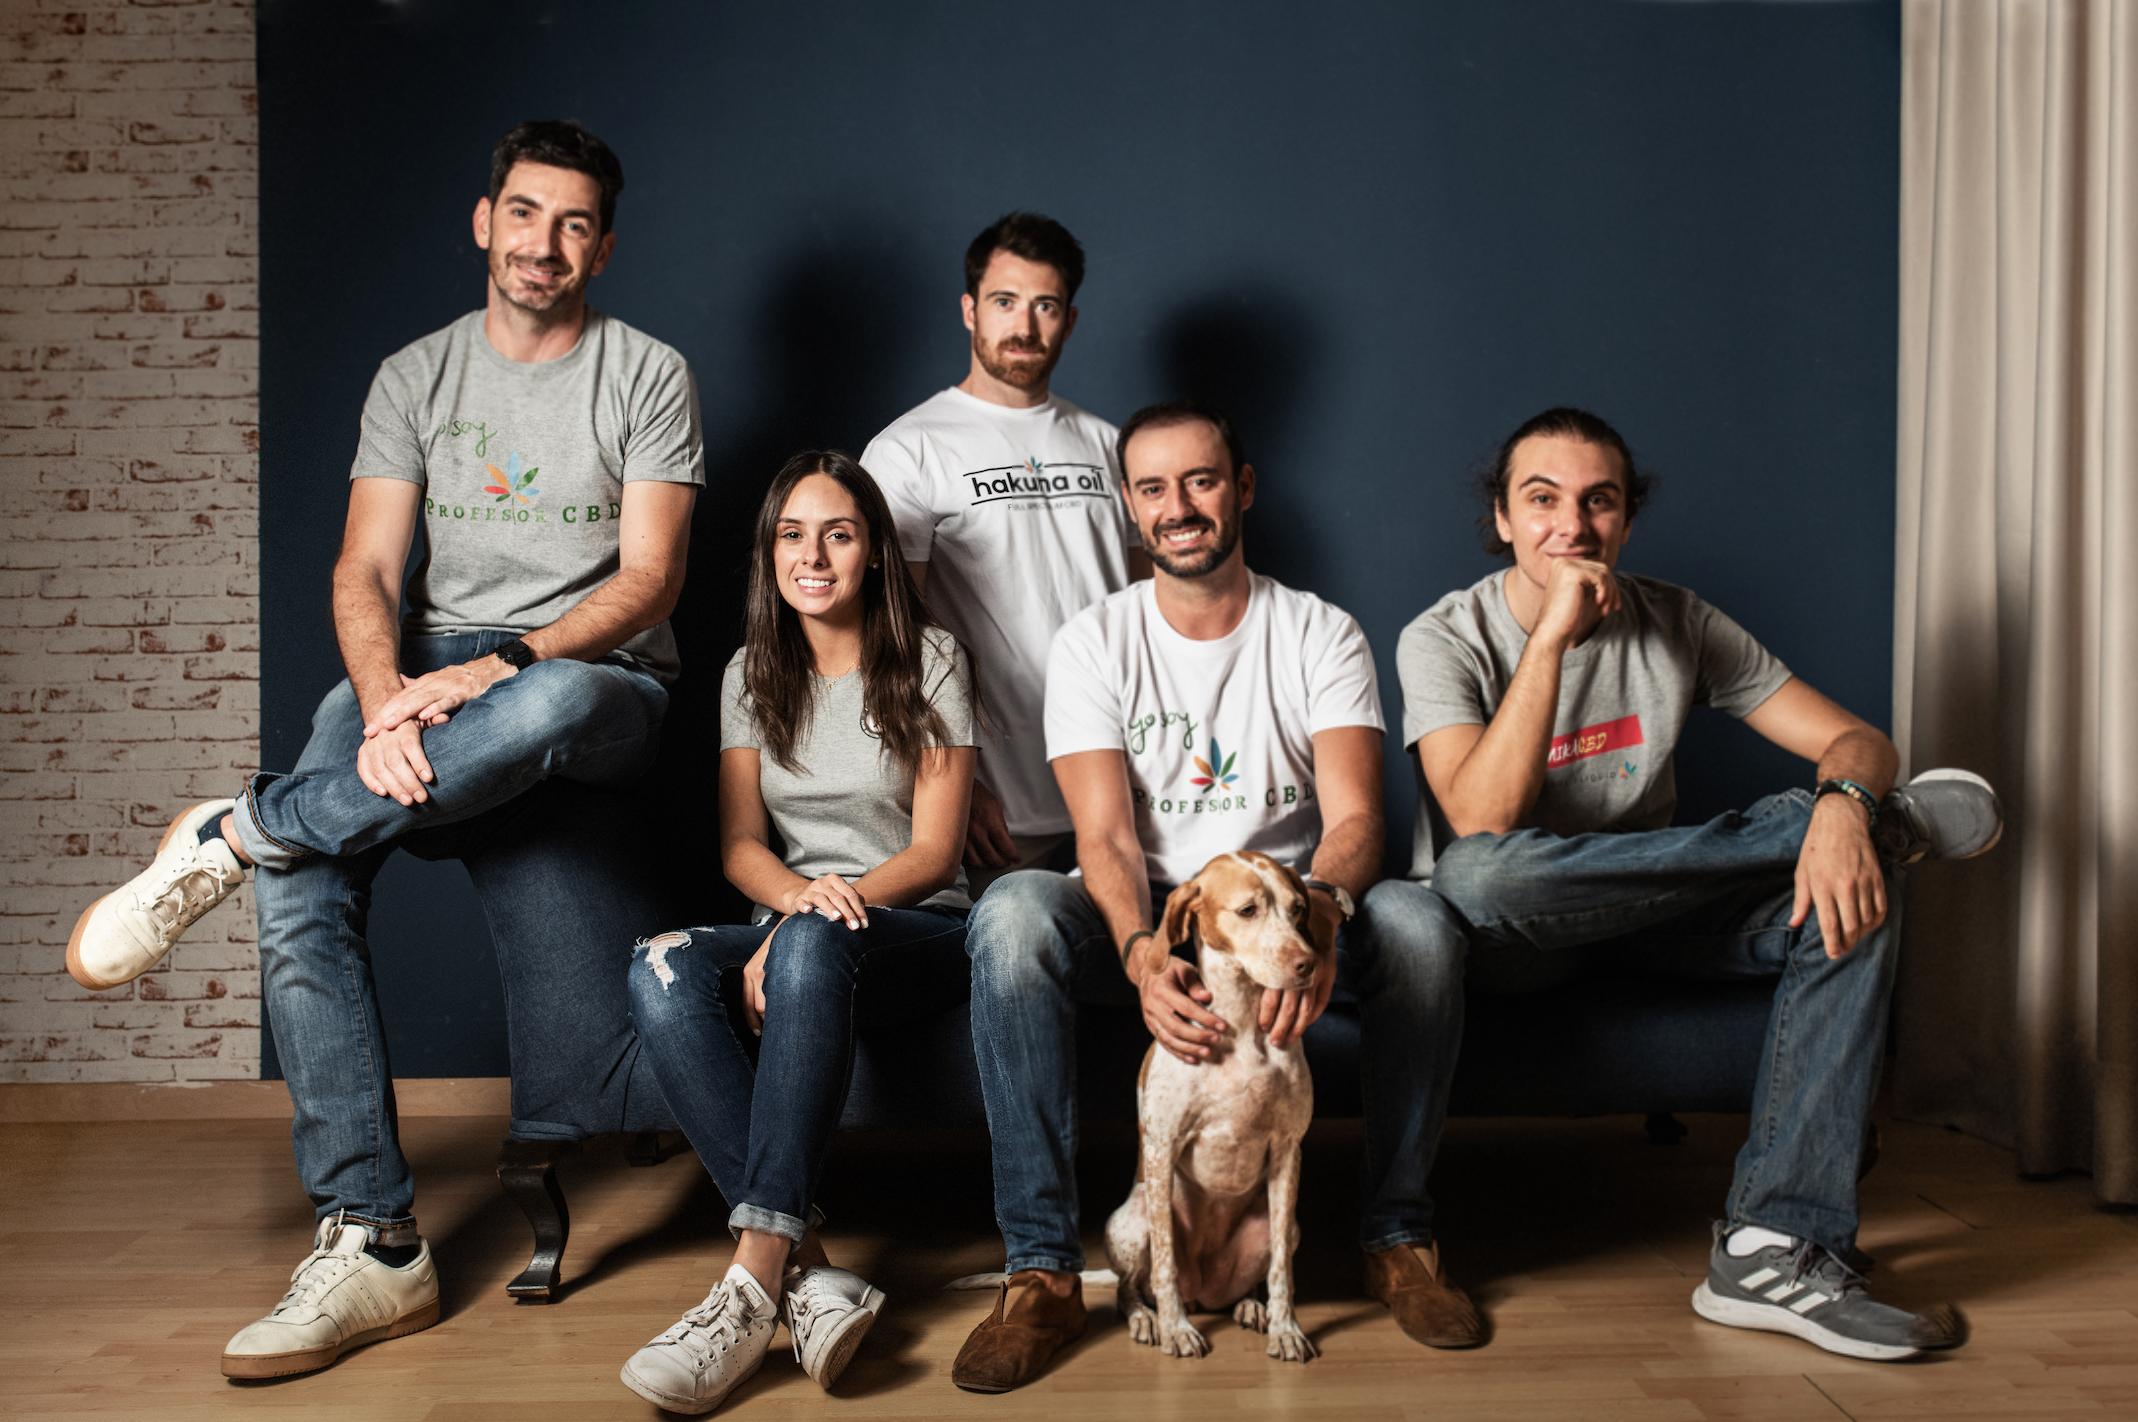 Entrevista a Borja Iribarne, fundador de ProfesorCBD